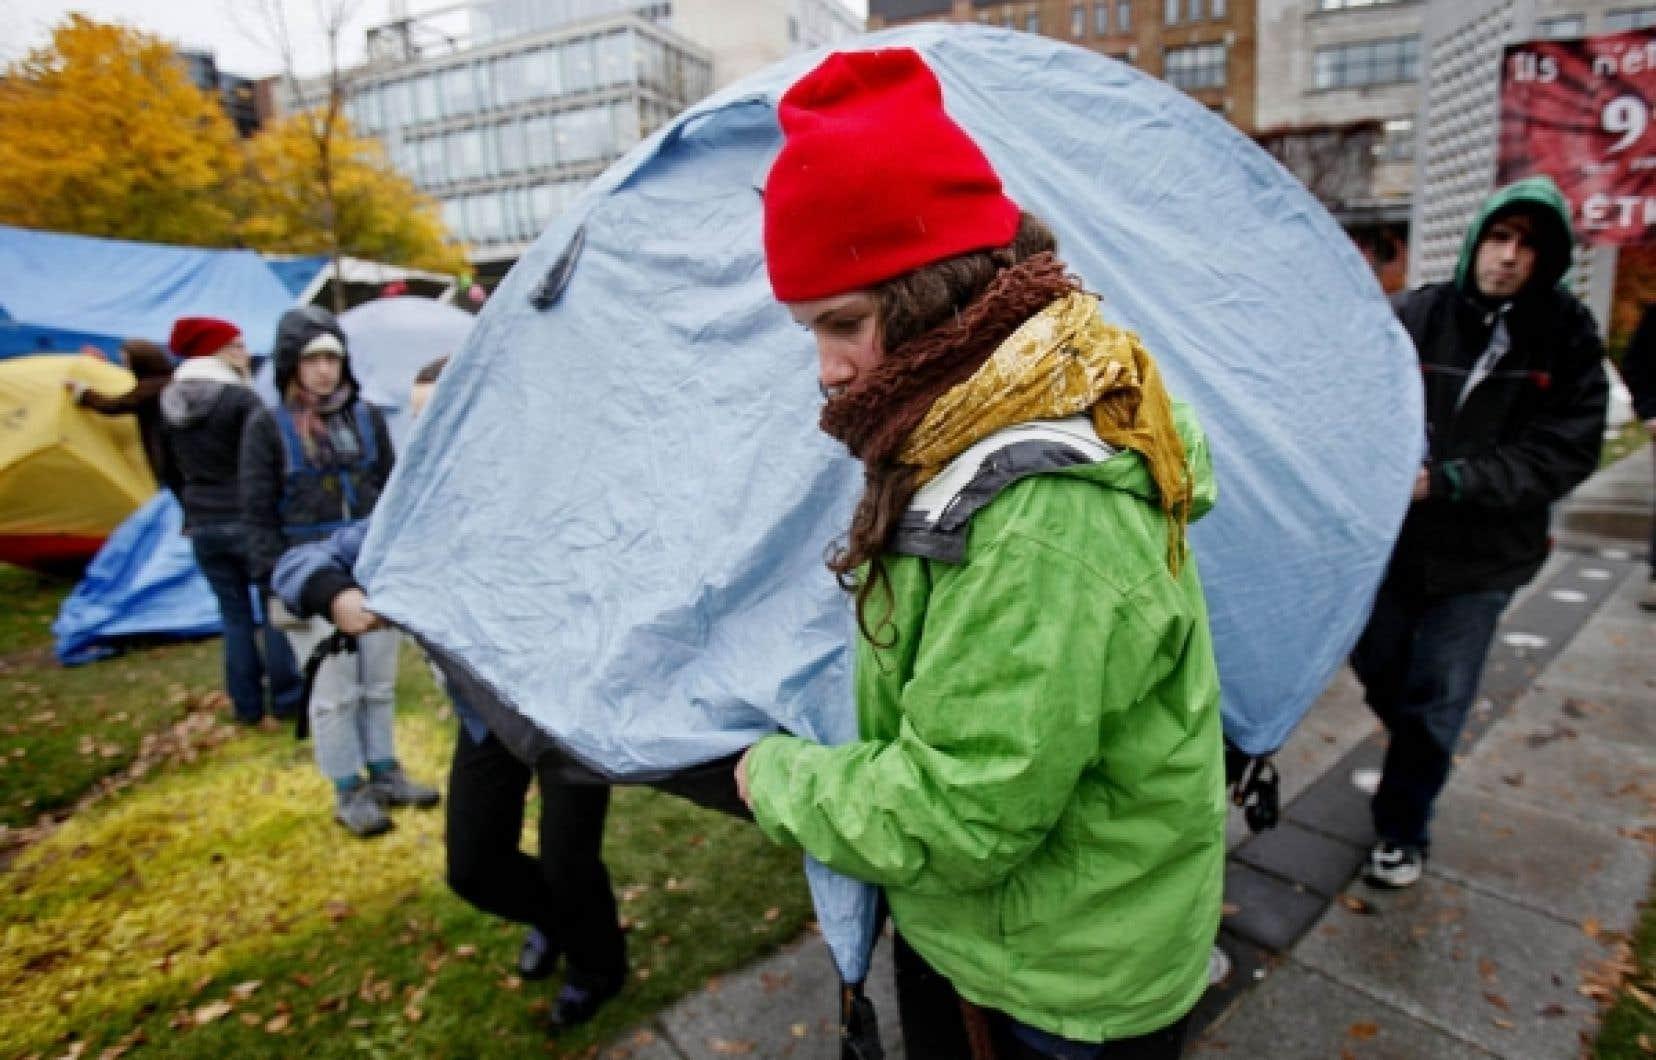 Les indignés de Québec poursuivent leur occupation du jardin Saint-Roch malgré la menace d'expulsion qui pèse sur eux.<br />